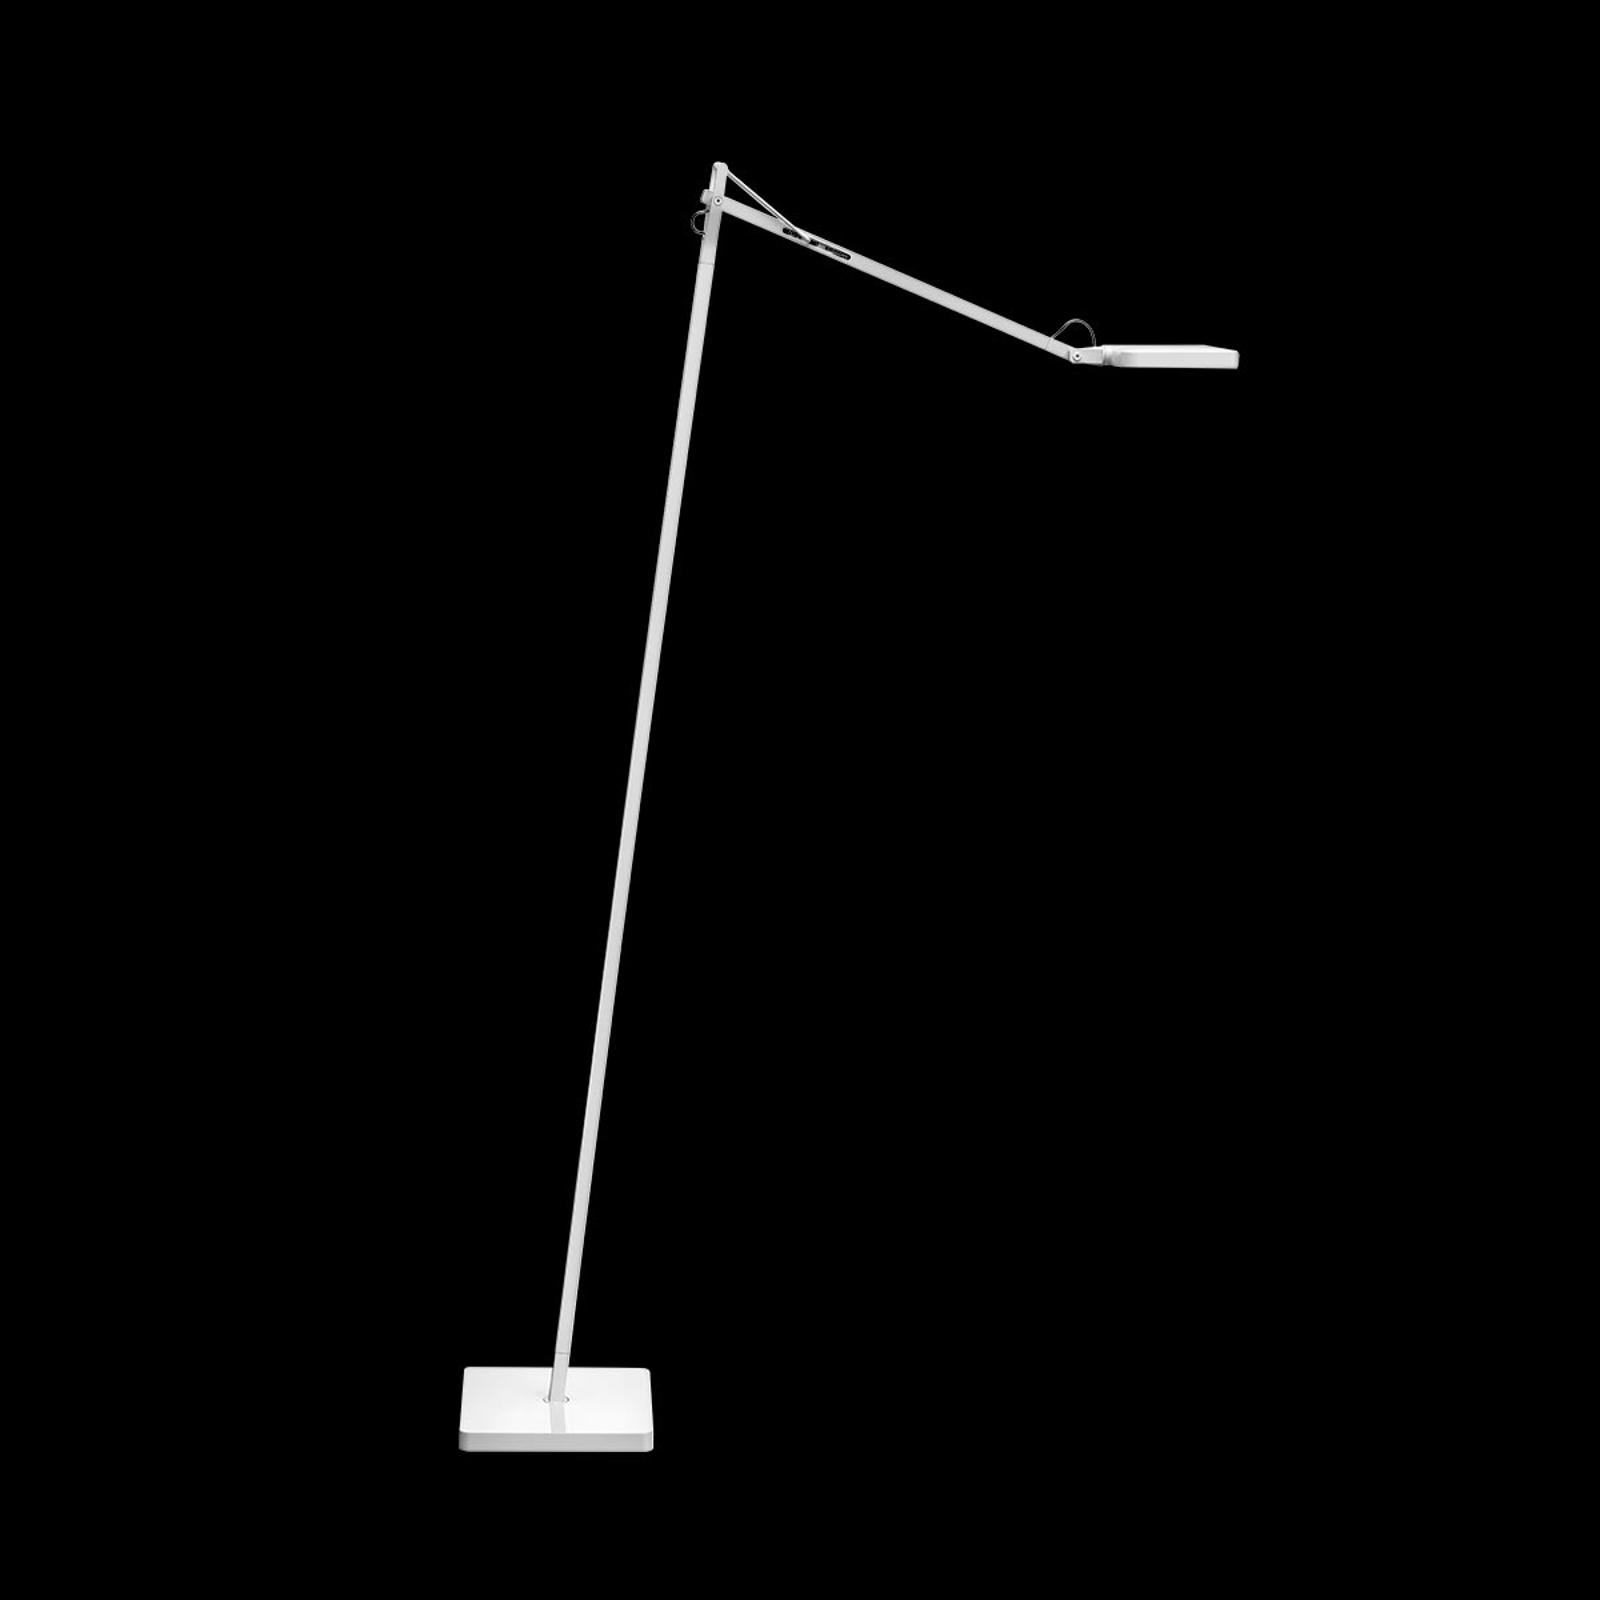 KELVIN LED designer-gulvlampe i antrasitt